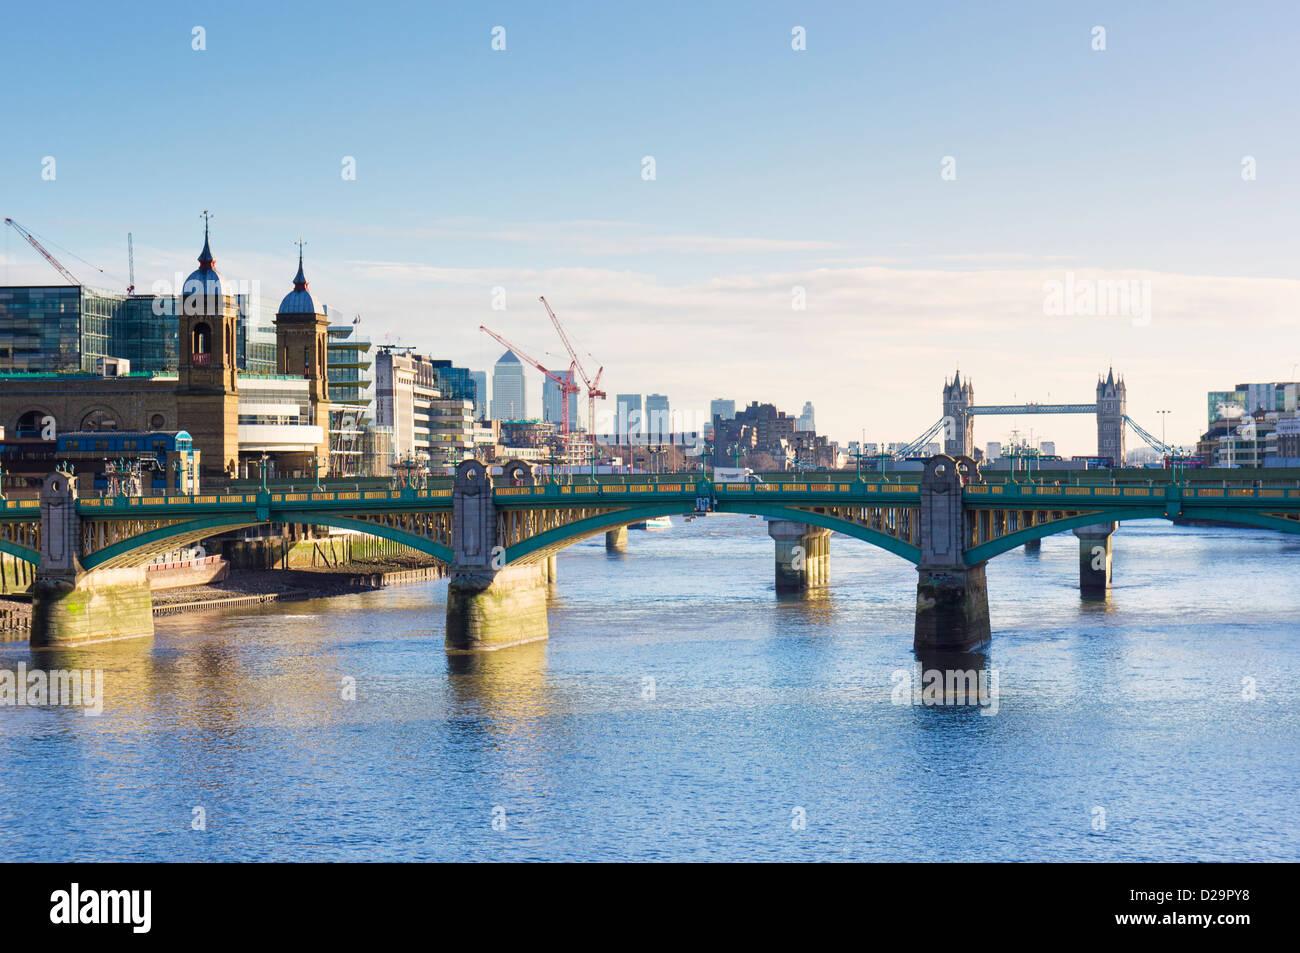 Southwark Bridge über die Themse, London, England, UK - mit Tower Bridge im Hintergrund Stockbild